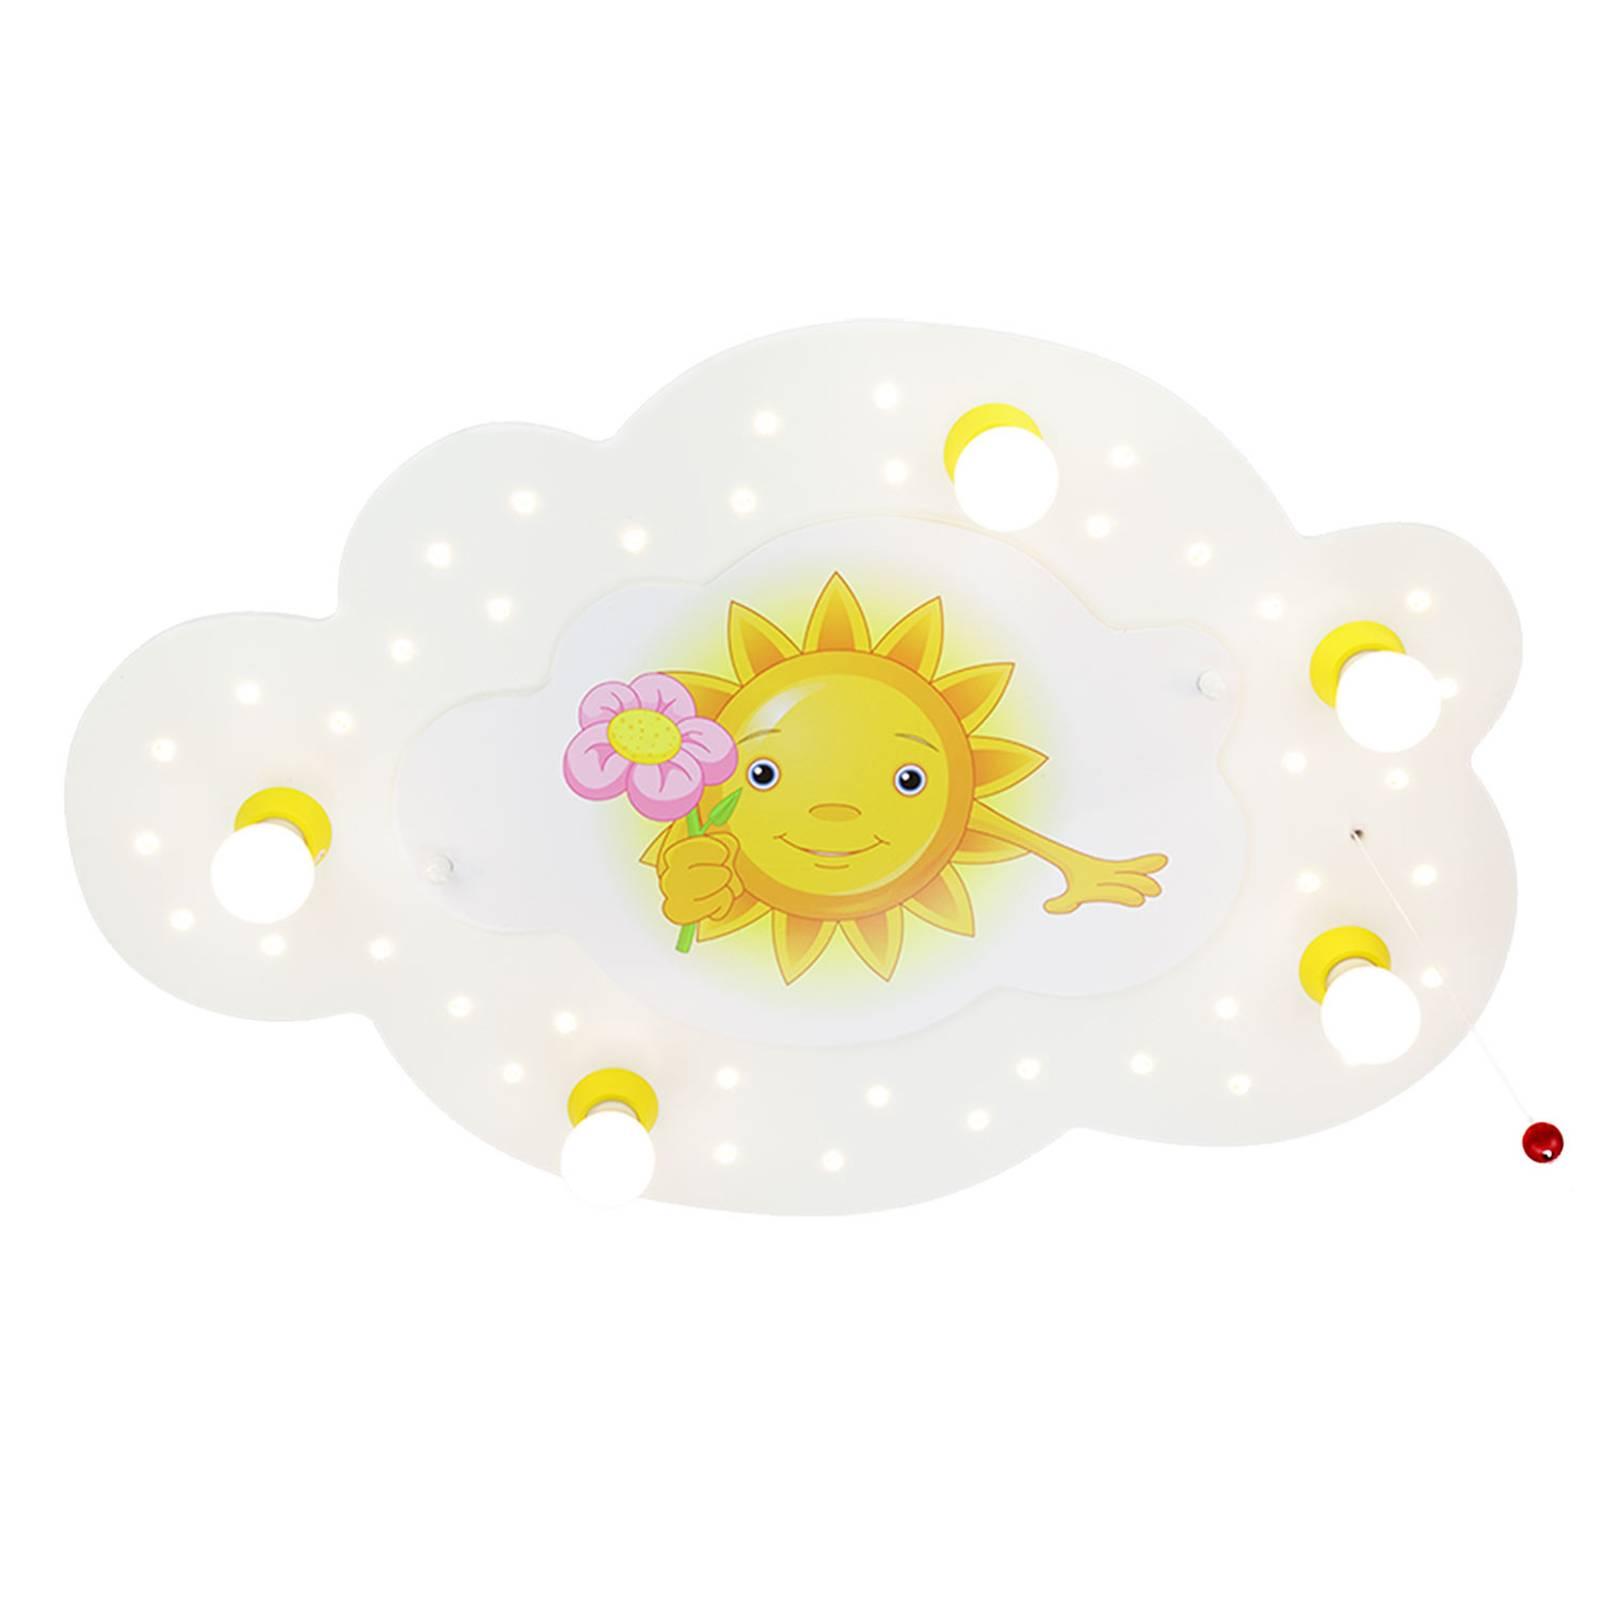 Plafoniera Sole con fiore, 5 luci, bianca